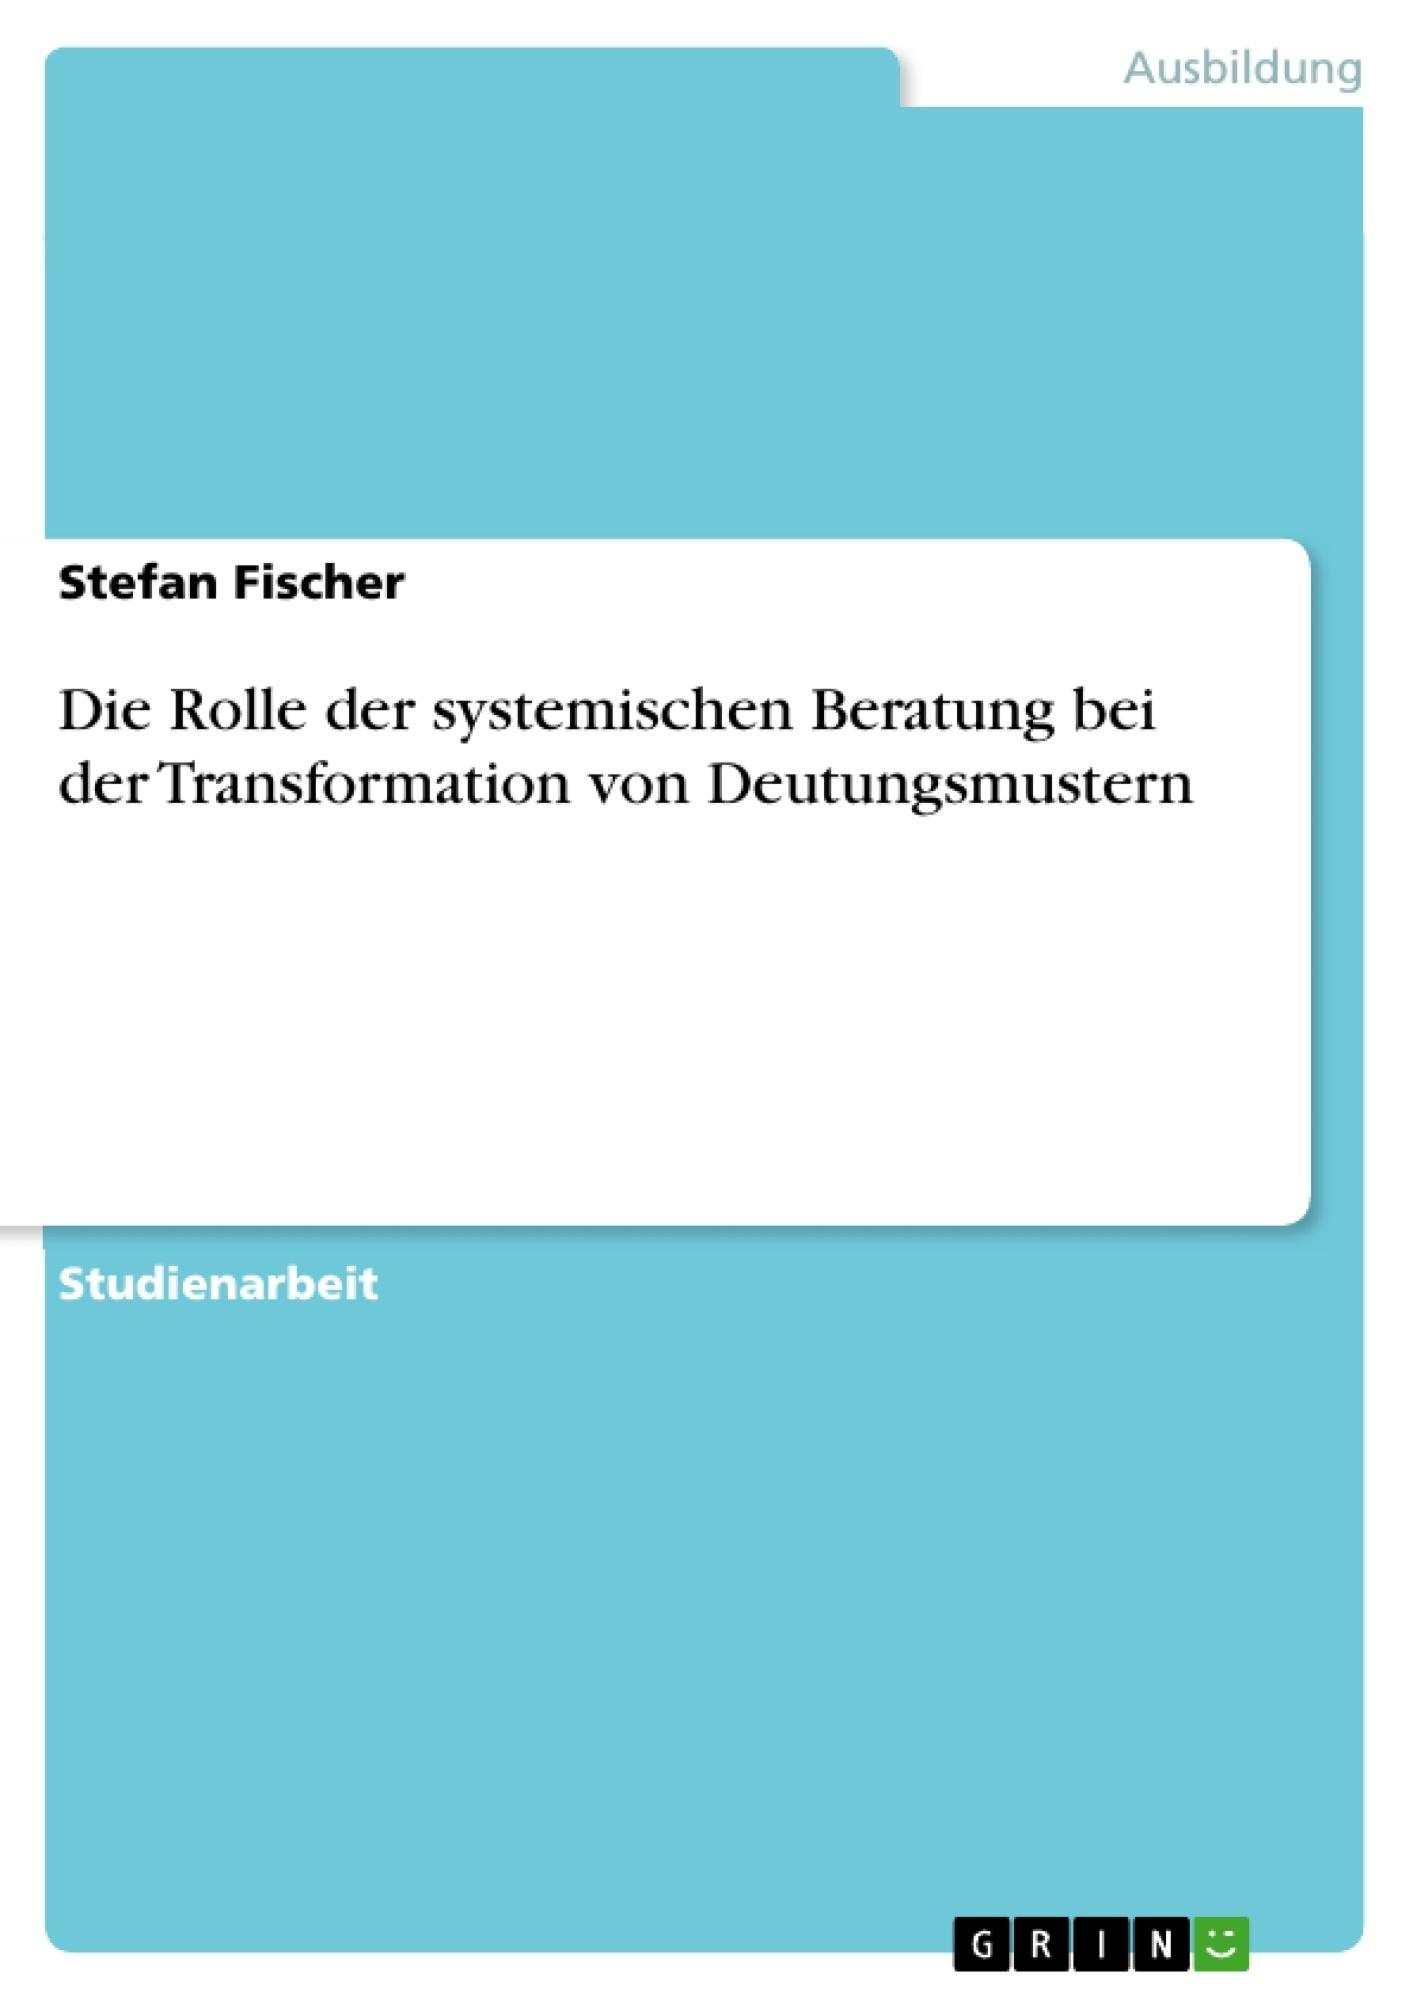 Titel: Die Rolle der systemischen Beratung bei der Transformation von Deutungsmustern